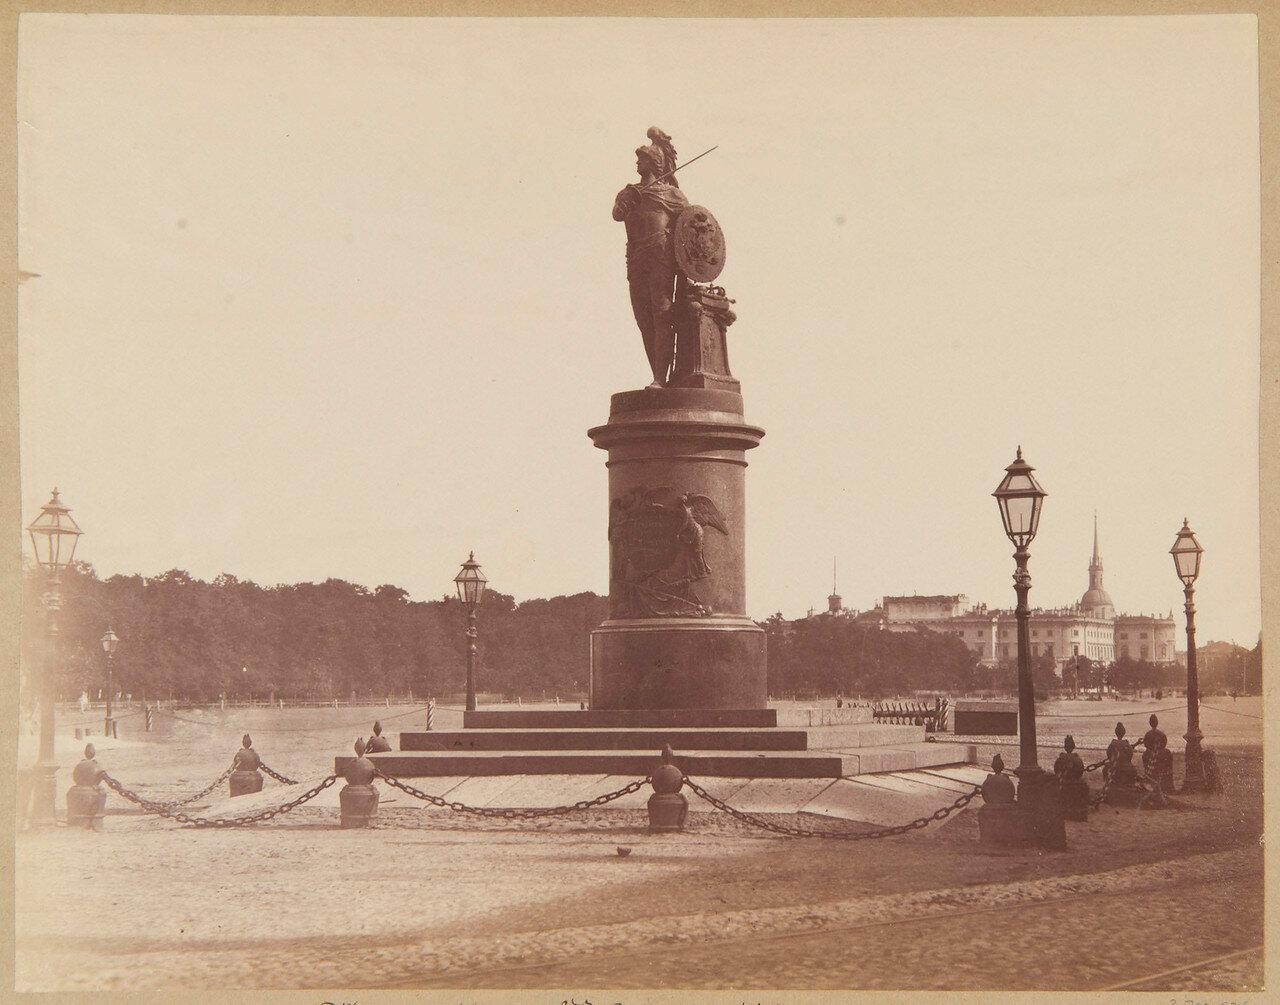 Памятник генералиссимусу князю Суворову и Михайловский замок